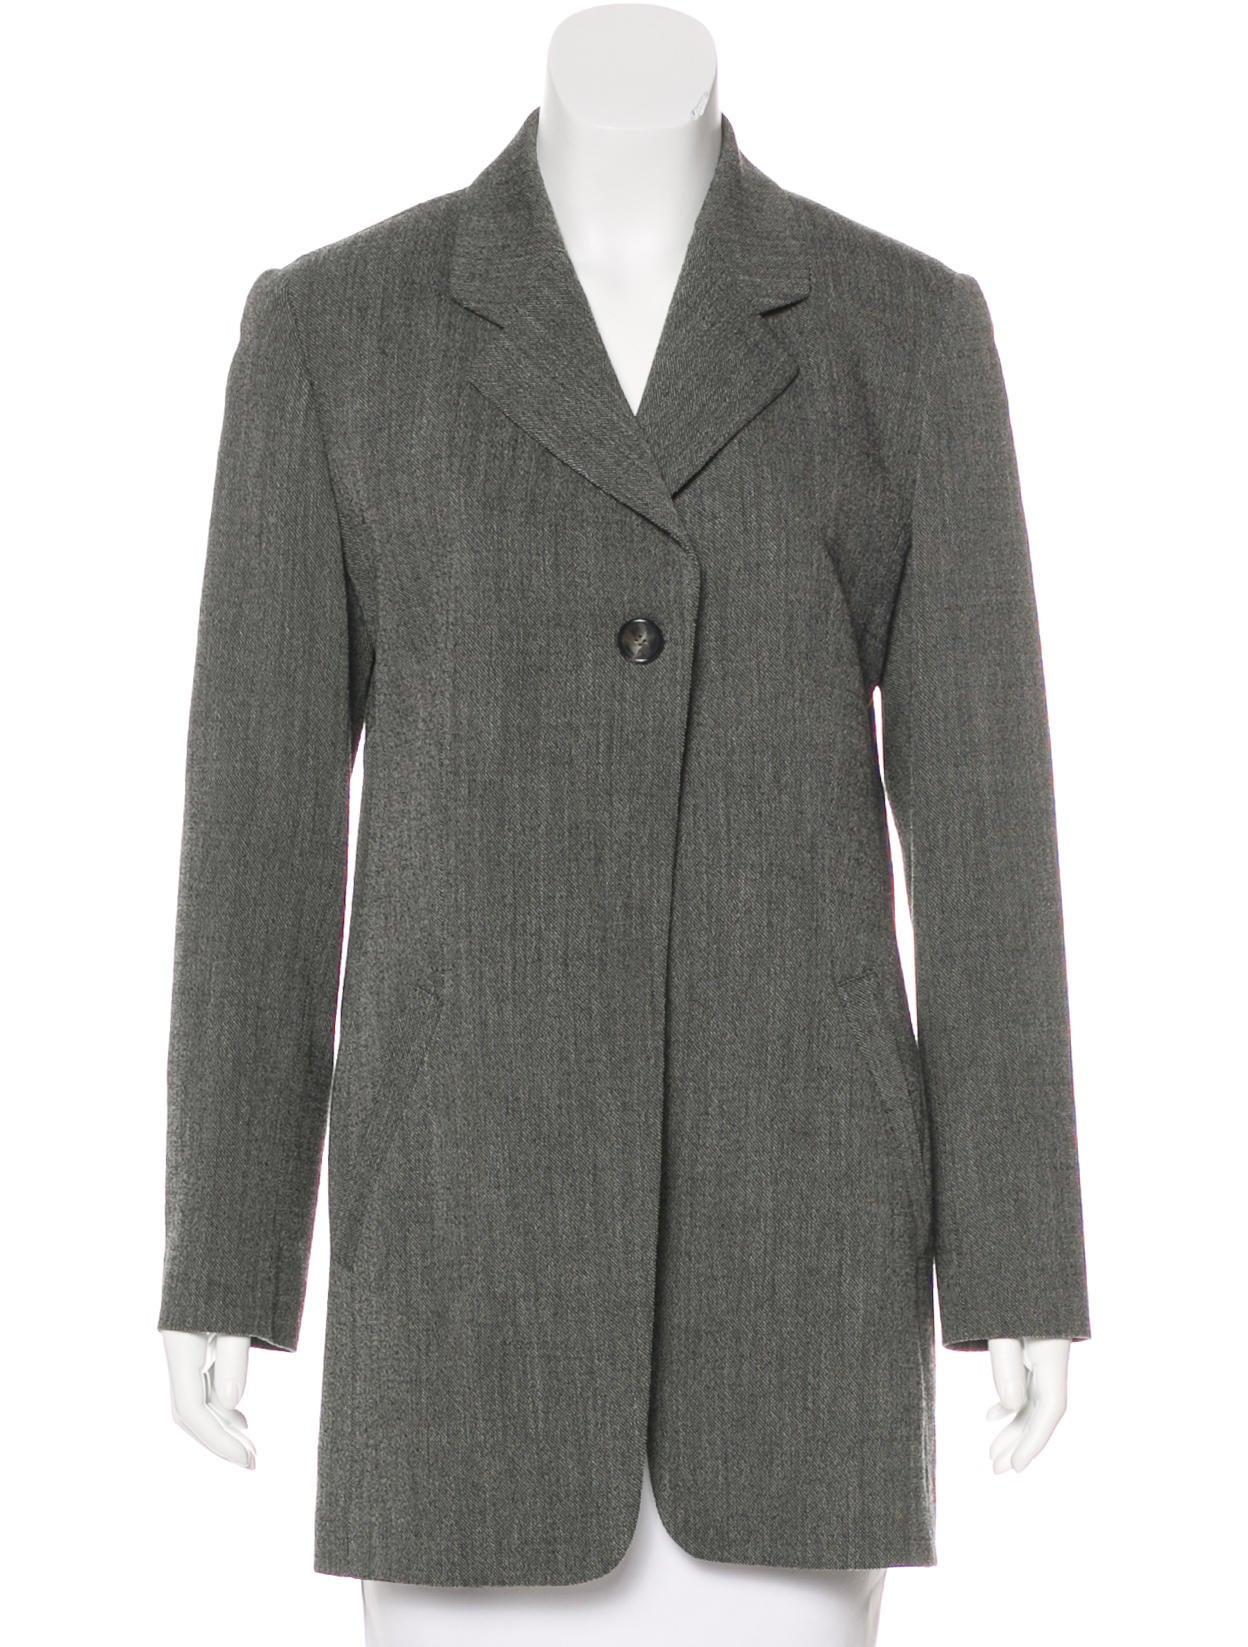 Vintage Wool Coat 108